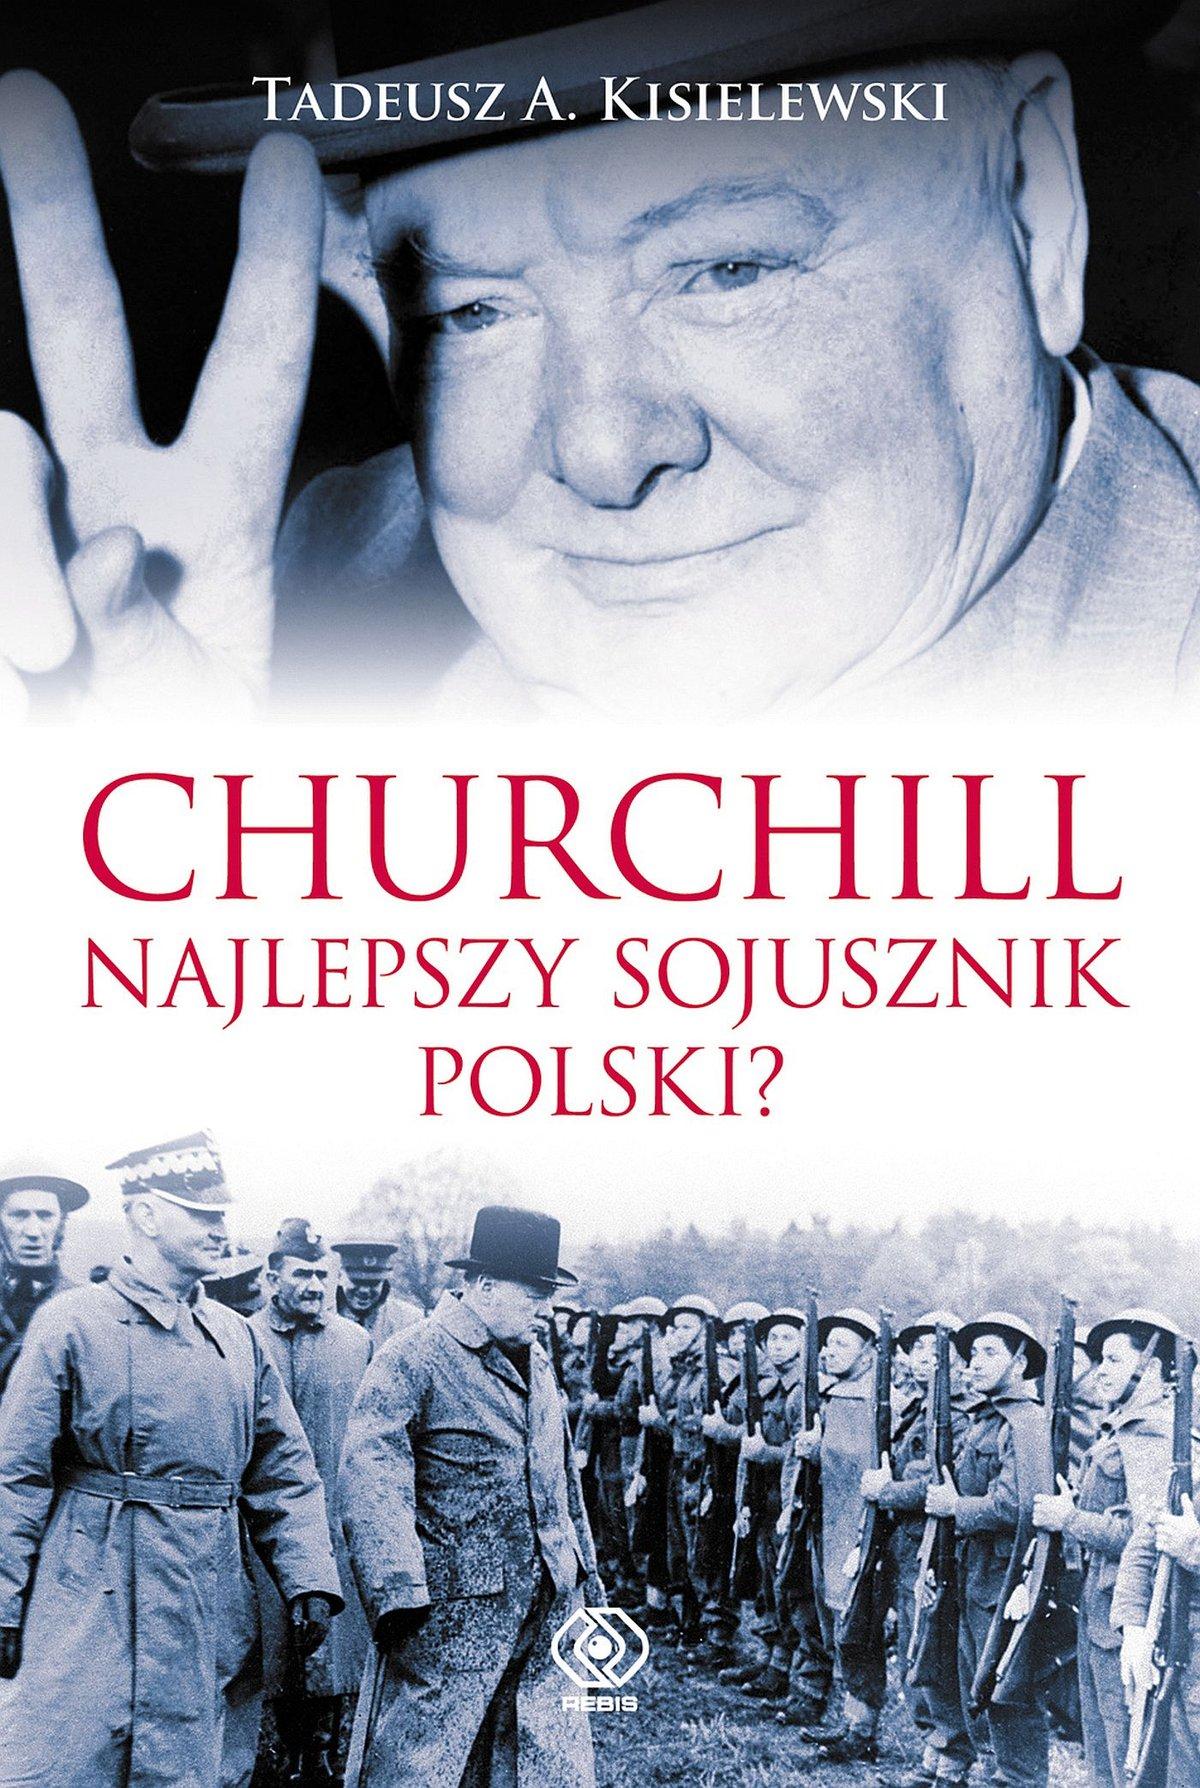 Churchill. Najlepszy sojusznik Polski - Ebook (Książka EPUB) do pobrania w formacie EPUB